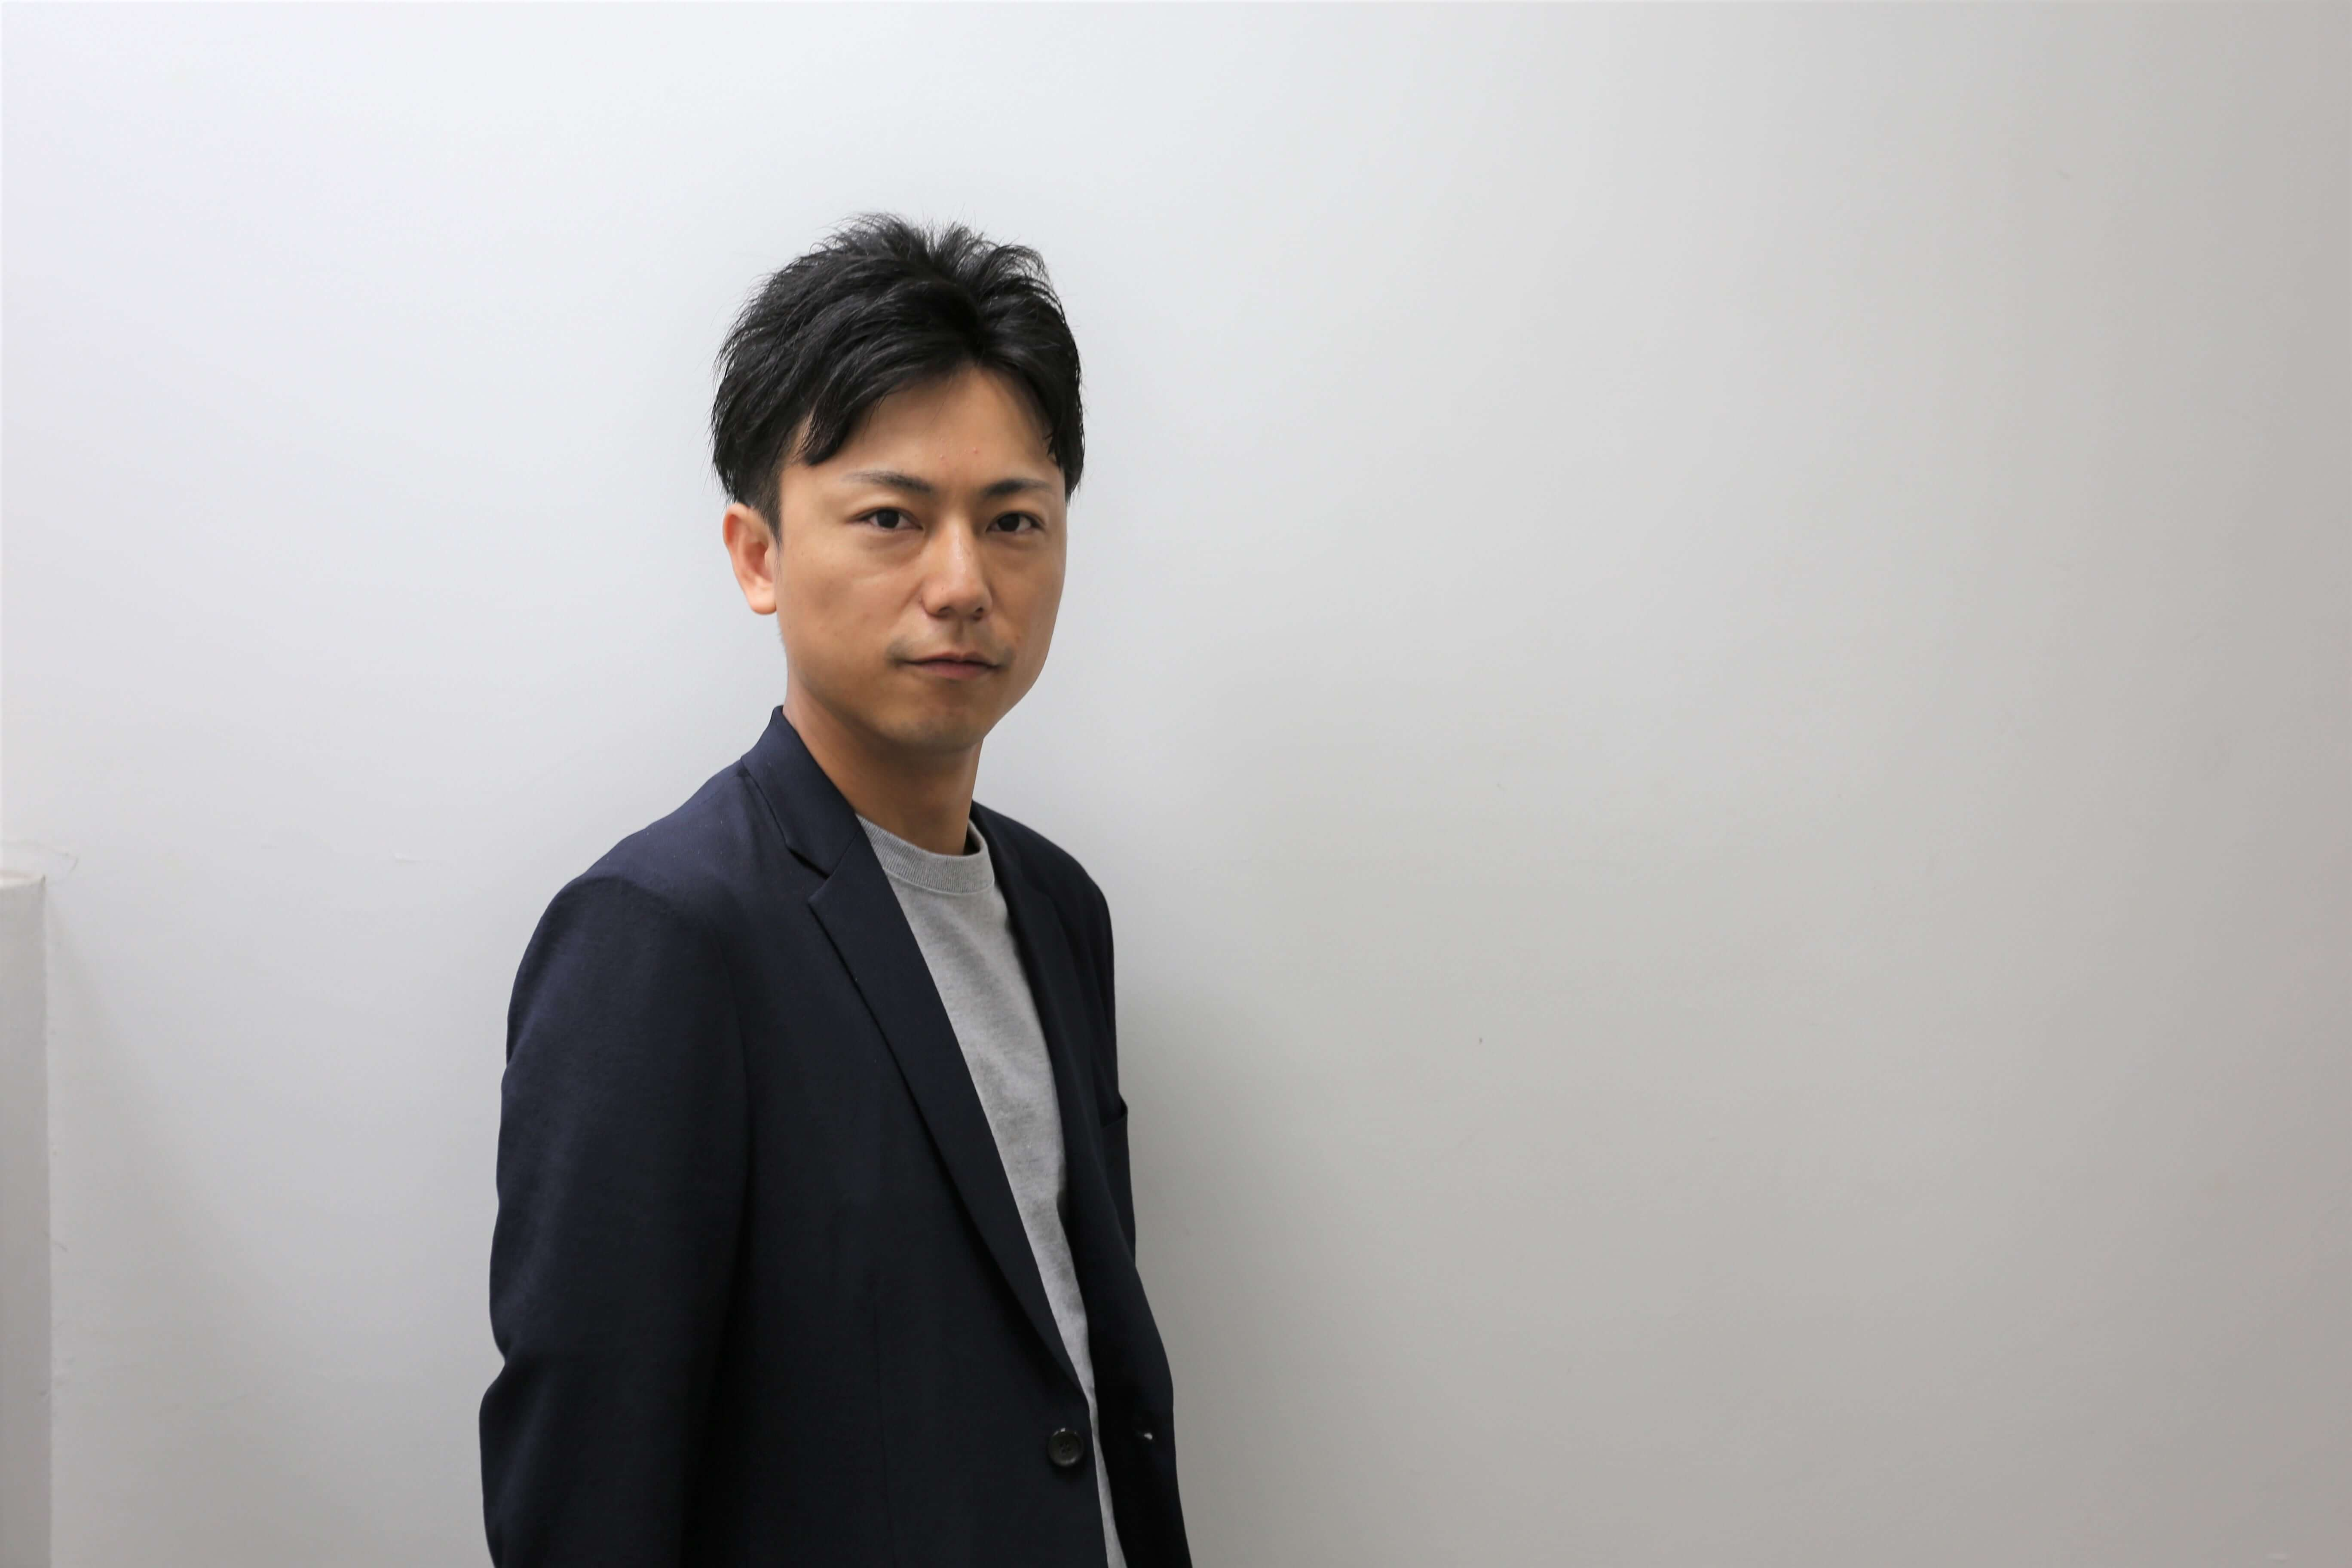 事業開発室 荻野 智希(おぎの ともき)